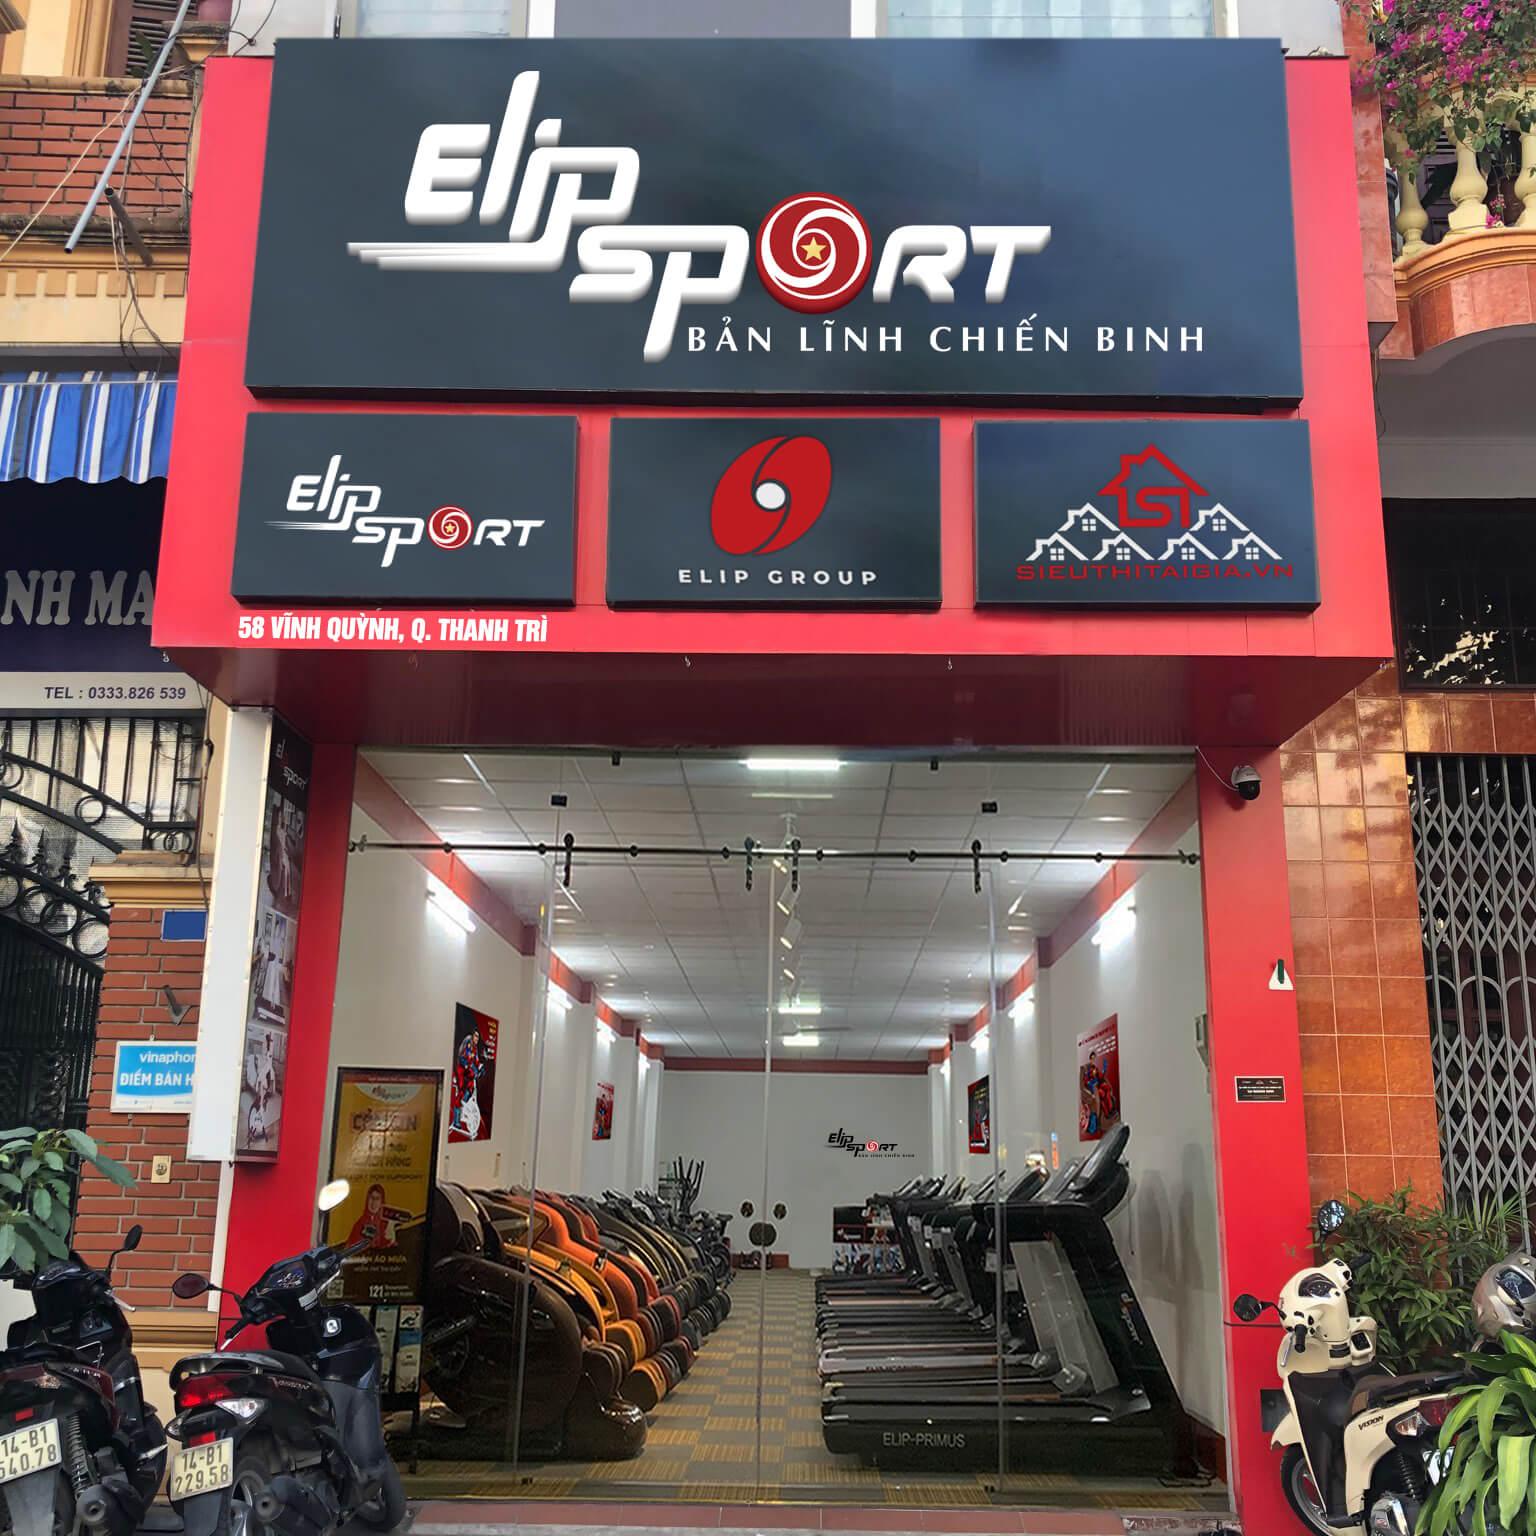 Hình ảnh của chi nhánh Elipsport Thanh Trì - Hà Nội